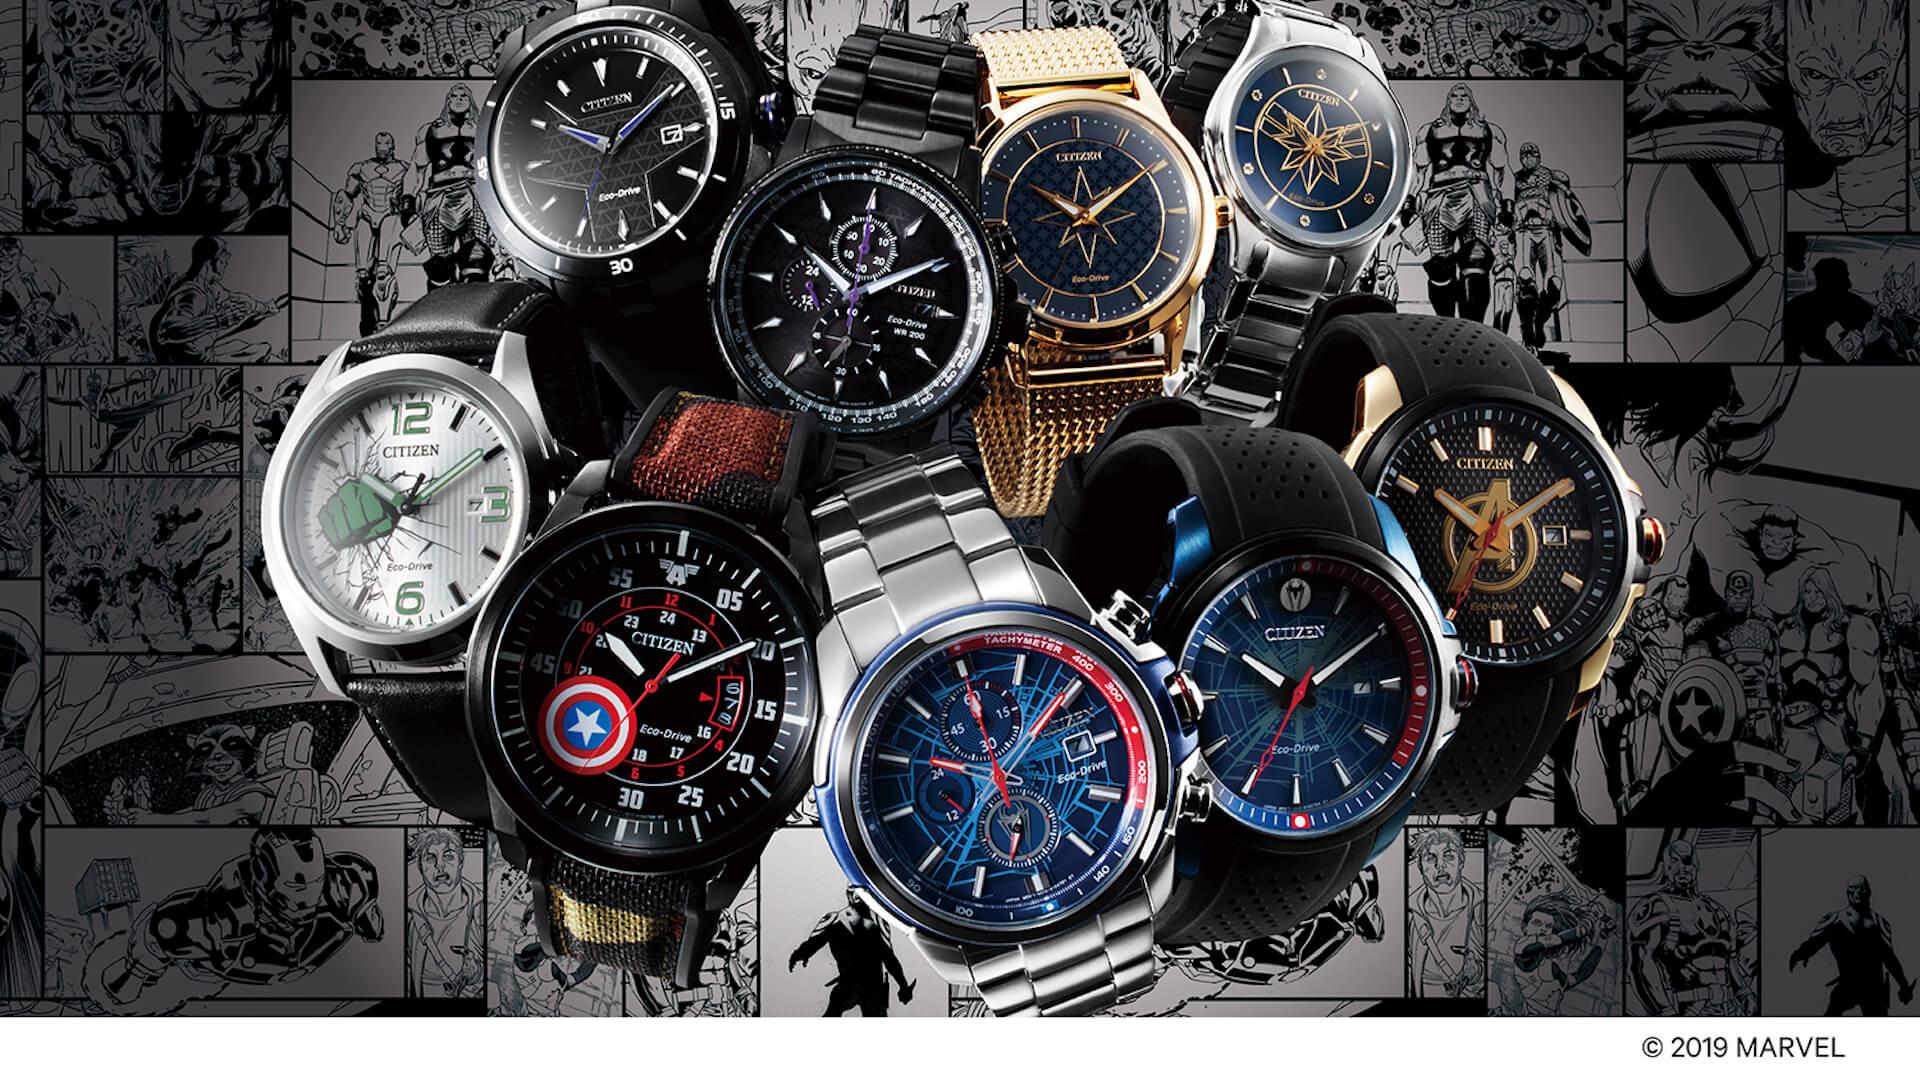 「スパイダーマン」や「キャプテン・アメリカ」が腕時計に!マーベルキャラクターをモチーフにしたシチズン腕時計全9モデルが登場 tech190919_marvel_watch_19